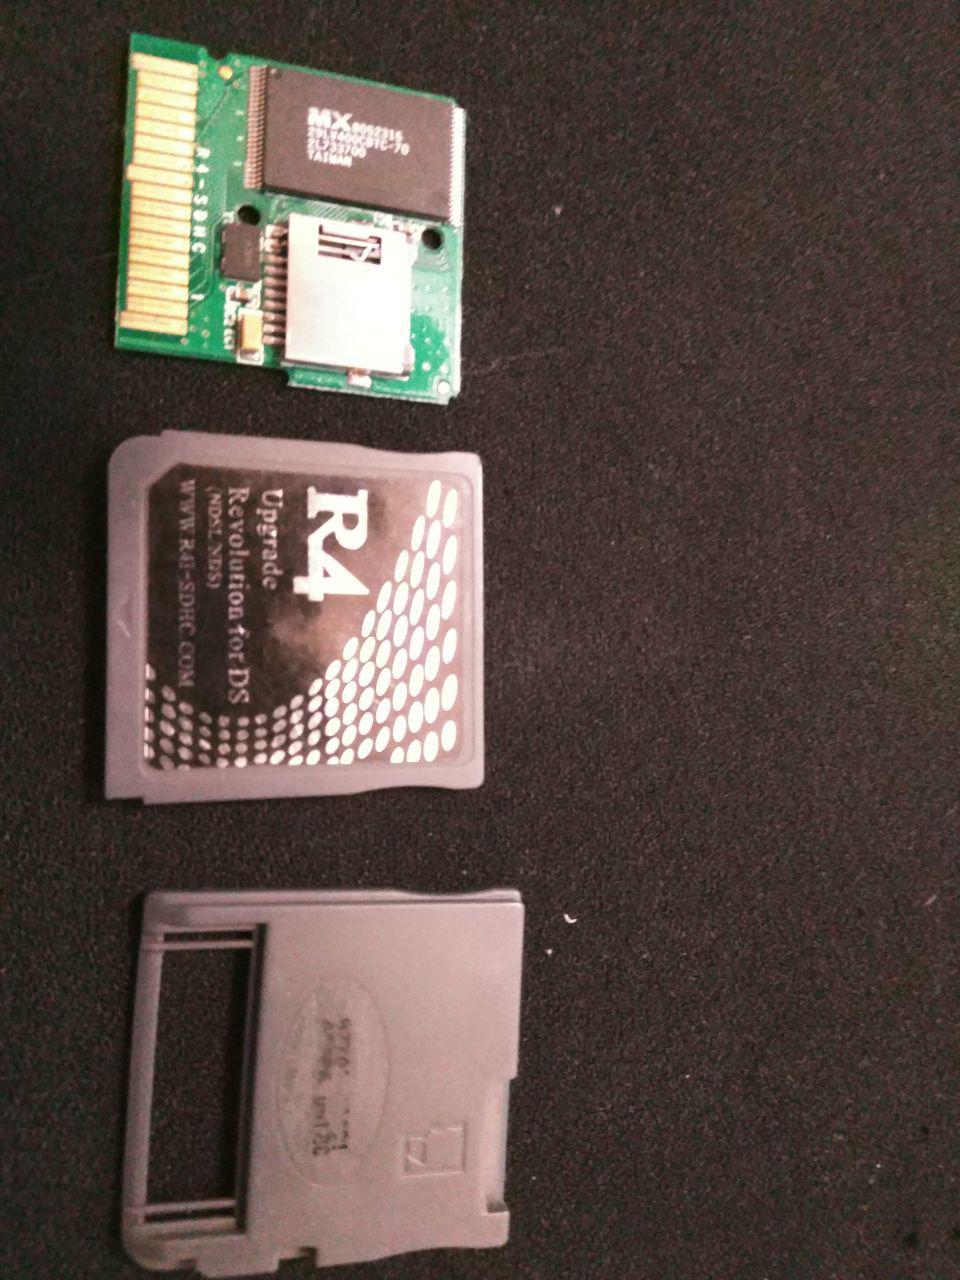 R4 Upgrade Revolution for DS (www r4i-sdhc com) · Issue #124